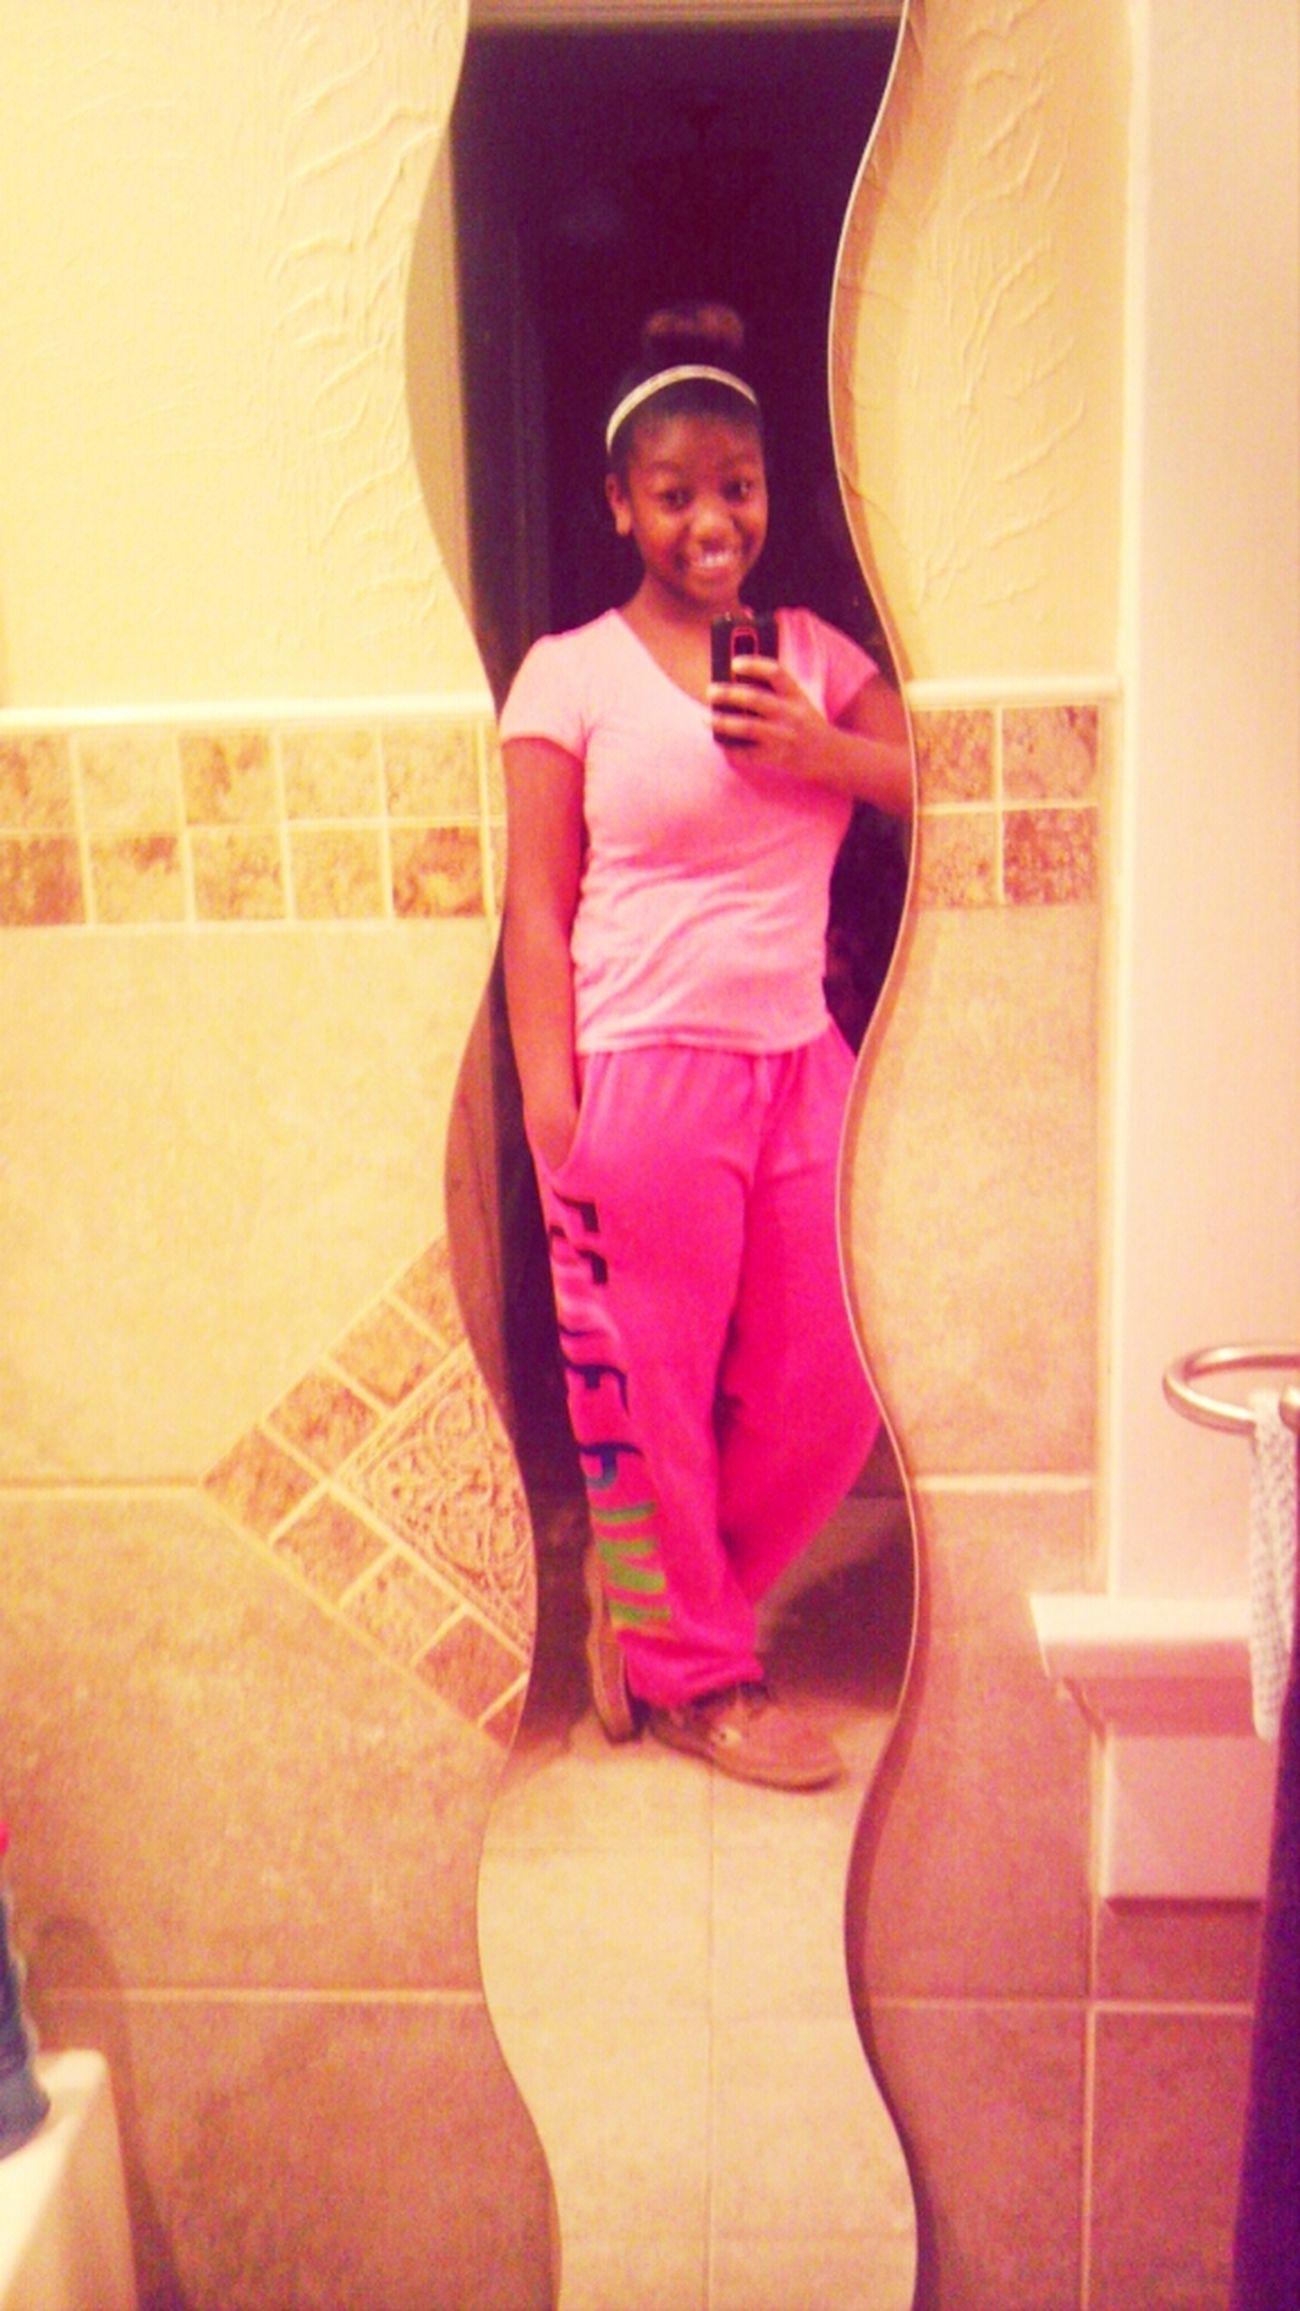 While ago .